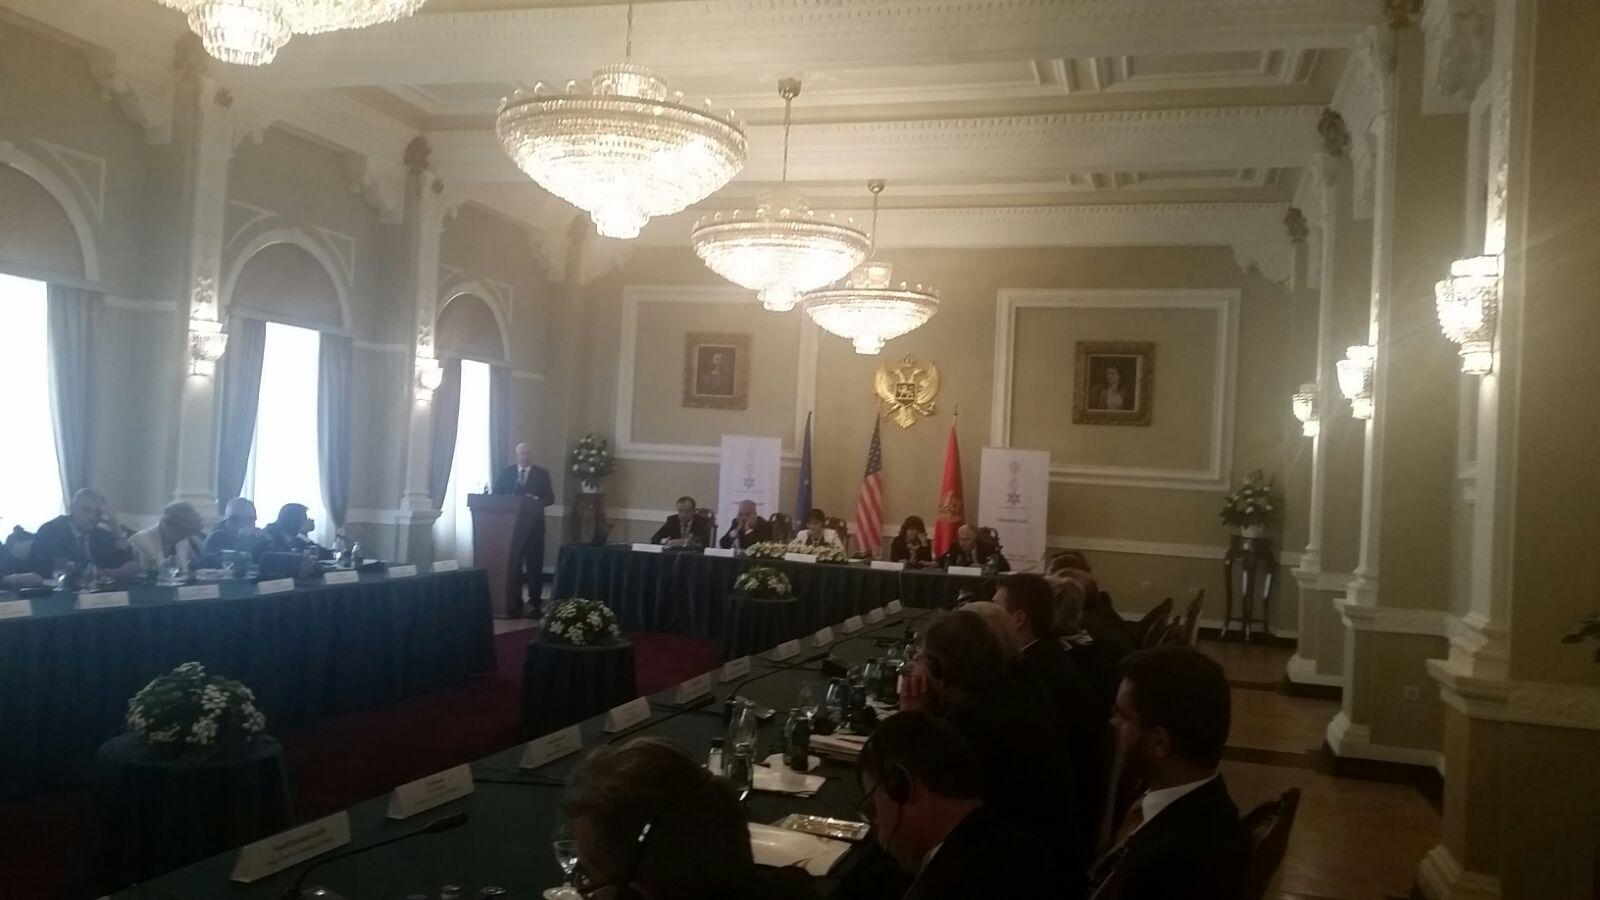 Kryetari i Gjykatës së Lartë Z. Xhezair Zaganjori, mori pjesë në Konferencën Ndërkombëtare të organizuar nga Gjykata e Lartë dhe Ministria e Drejtësisë e Malit të Zi, në Budva 18-21 shtator 2016